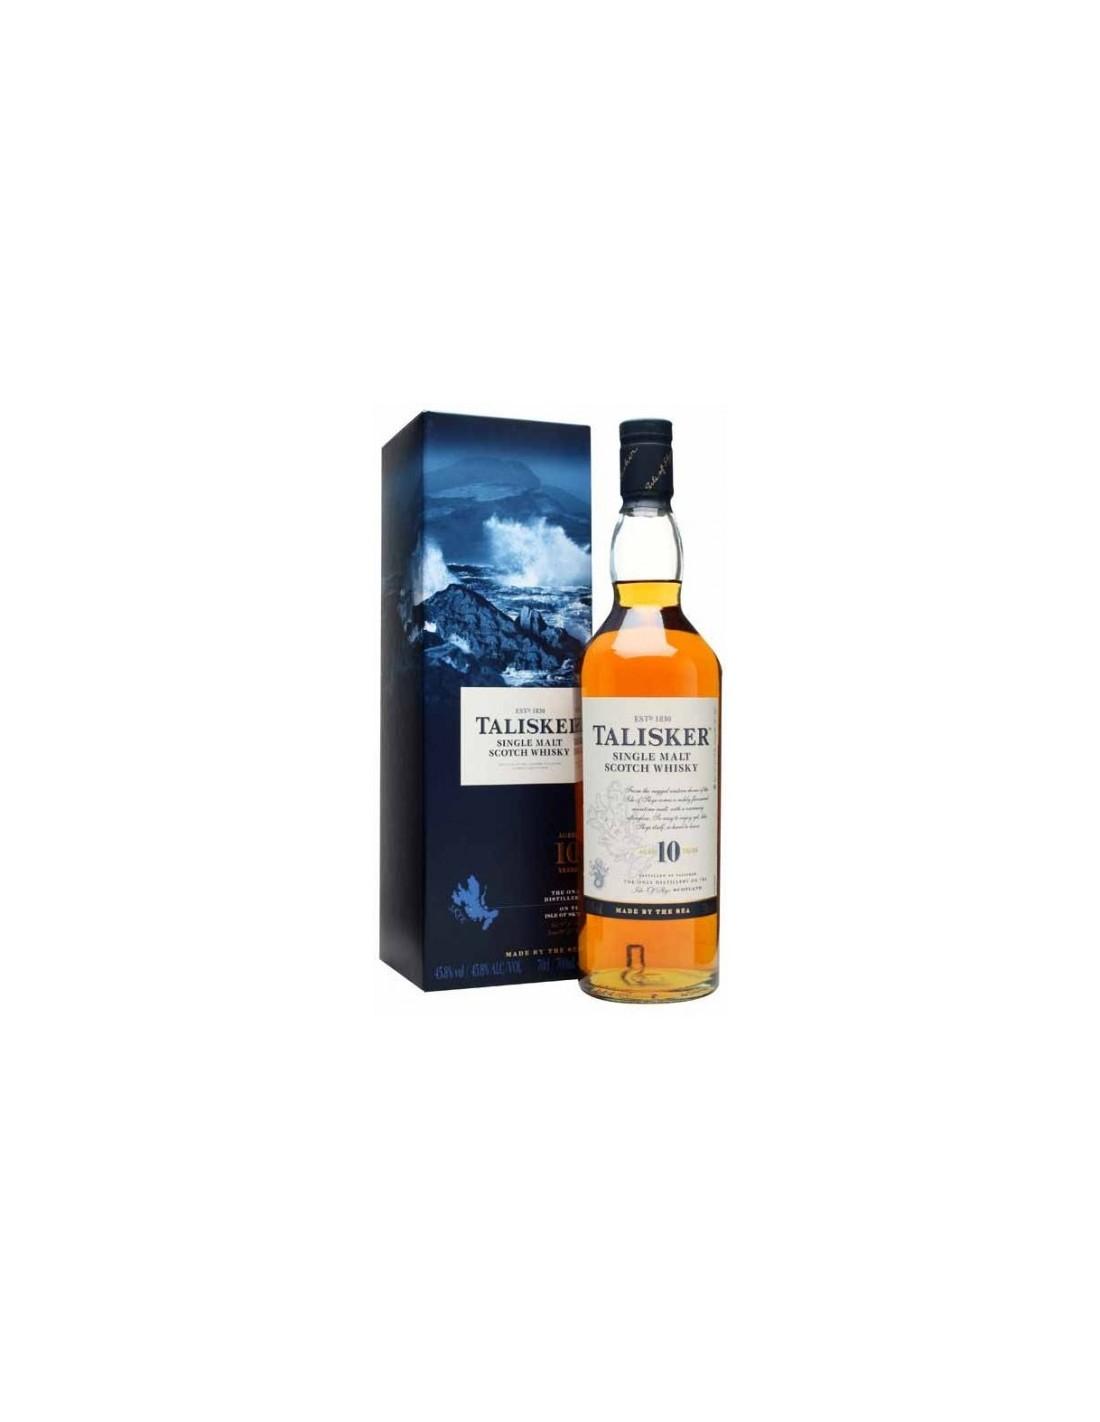 Whisky Talisker, 10 ani, 45.8% alc., 0.7L, Scotia